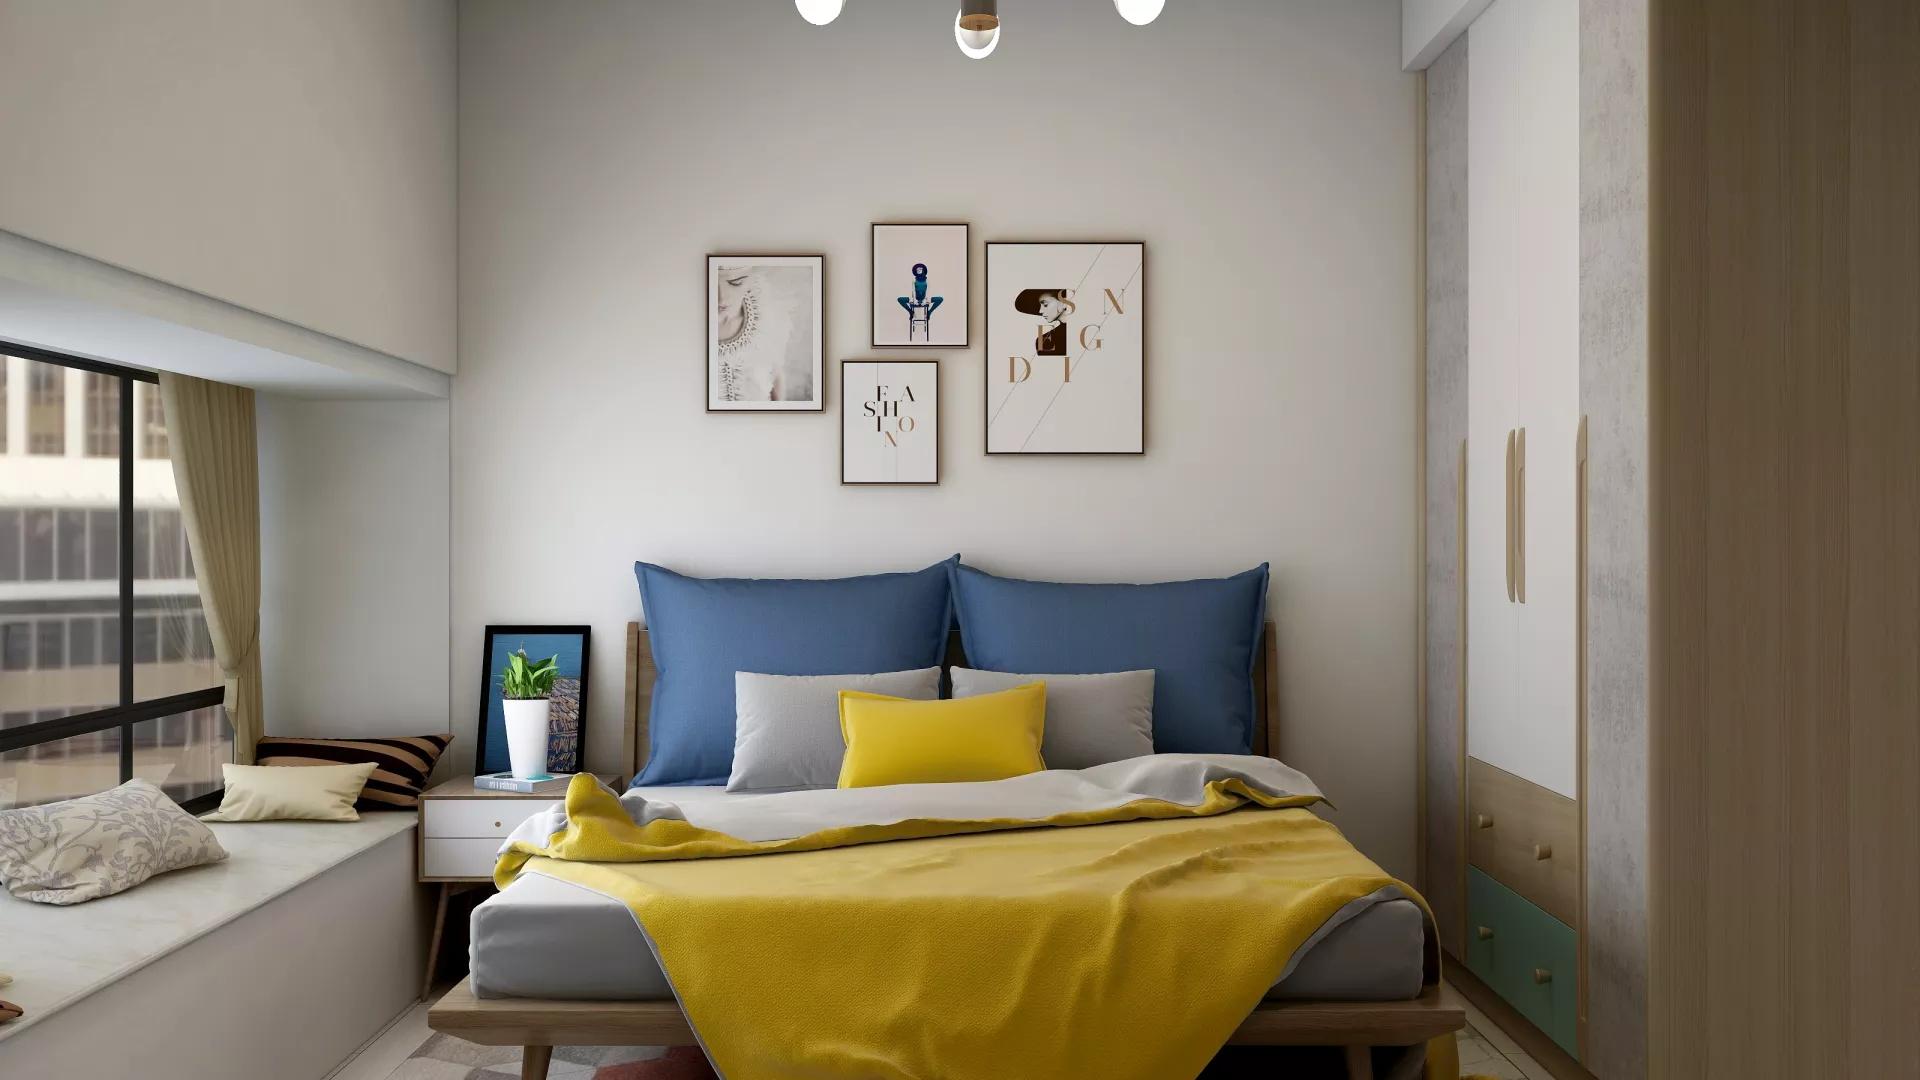 简约温馨舒适风格卧室装修效果图